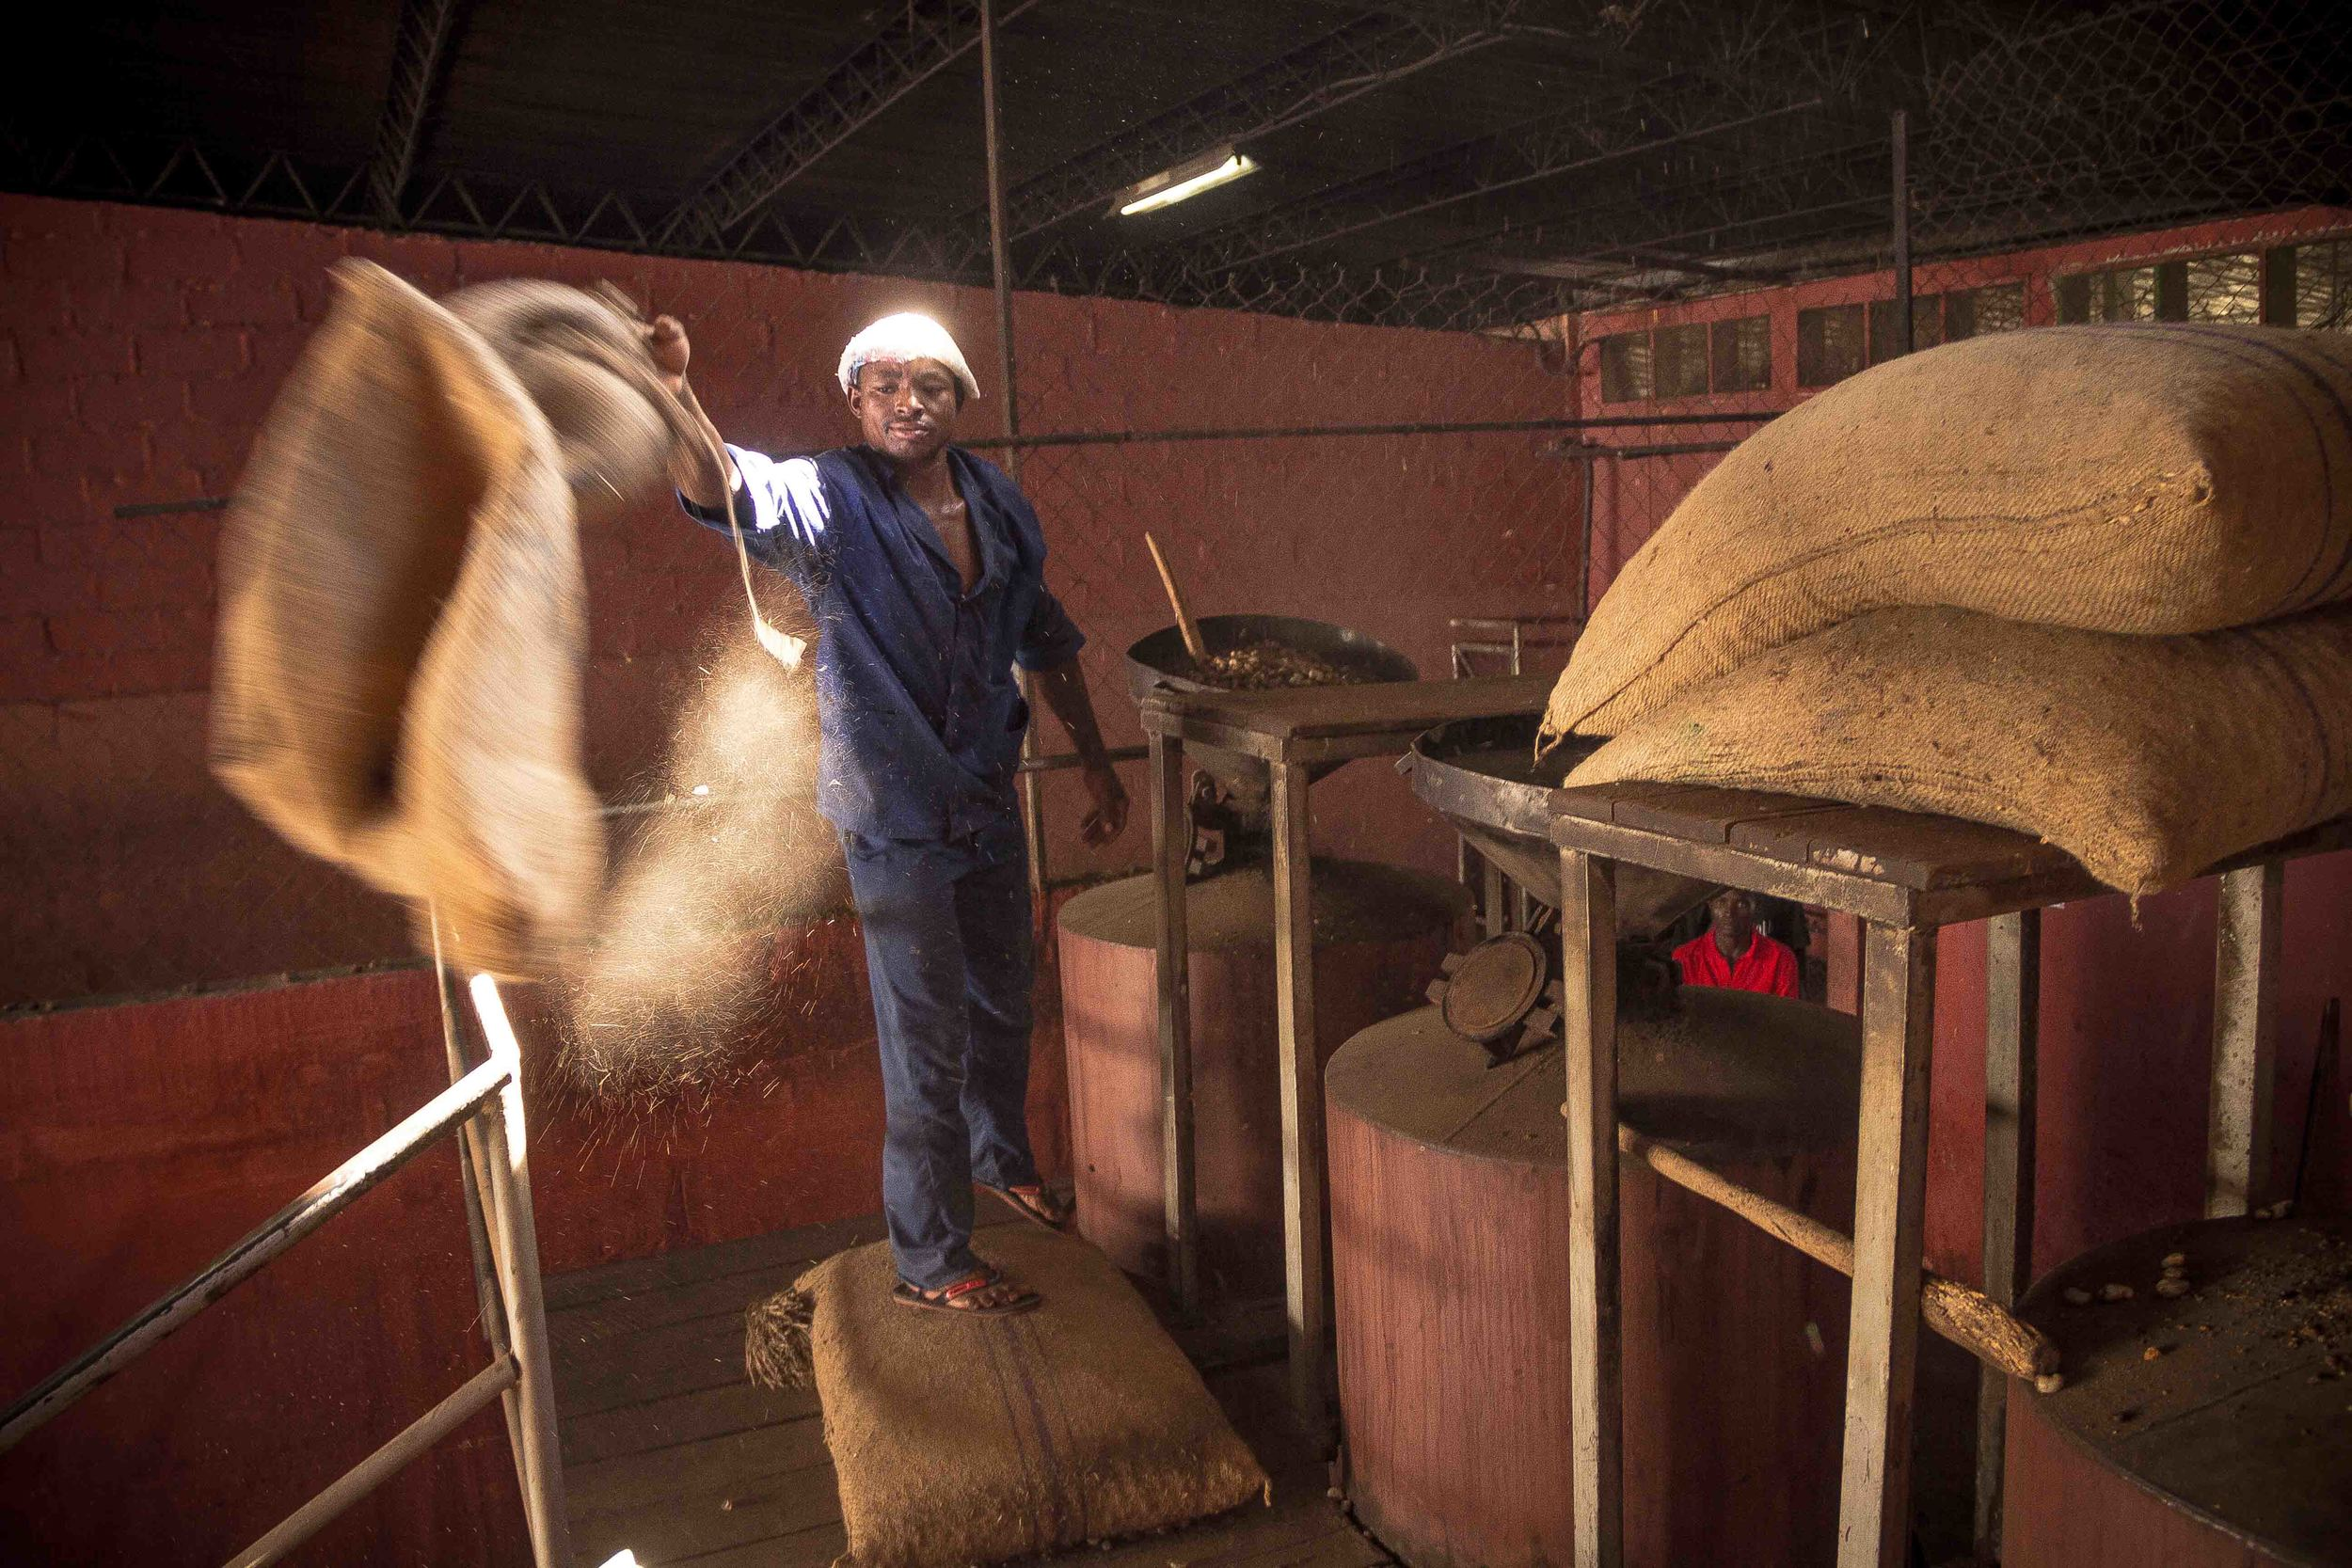 Anchilo district, Nampula province  – As the first step of the shelling process, a worker at the Condor Nuts factory fills the boilers with raw cashew nut |  Como parte do processo de descasquem, um trabalhador na fábrica da Condor Nuts enche as panelas para cozedura com castanha de caju